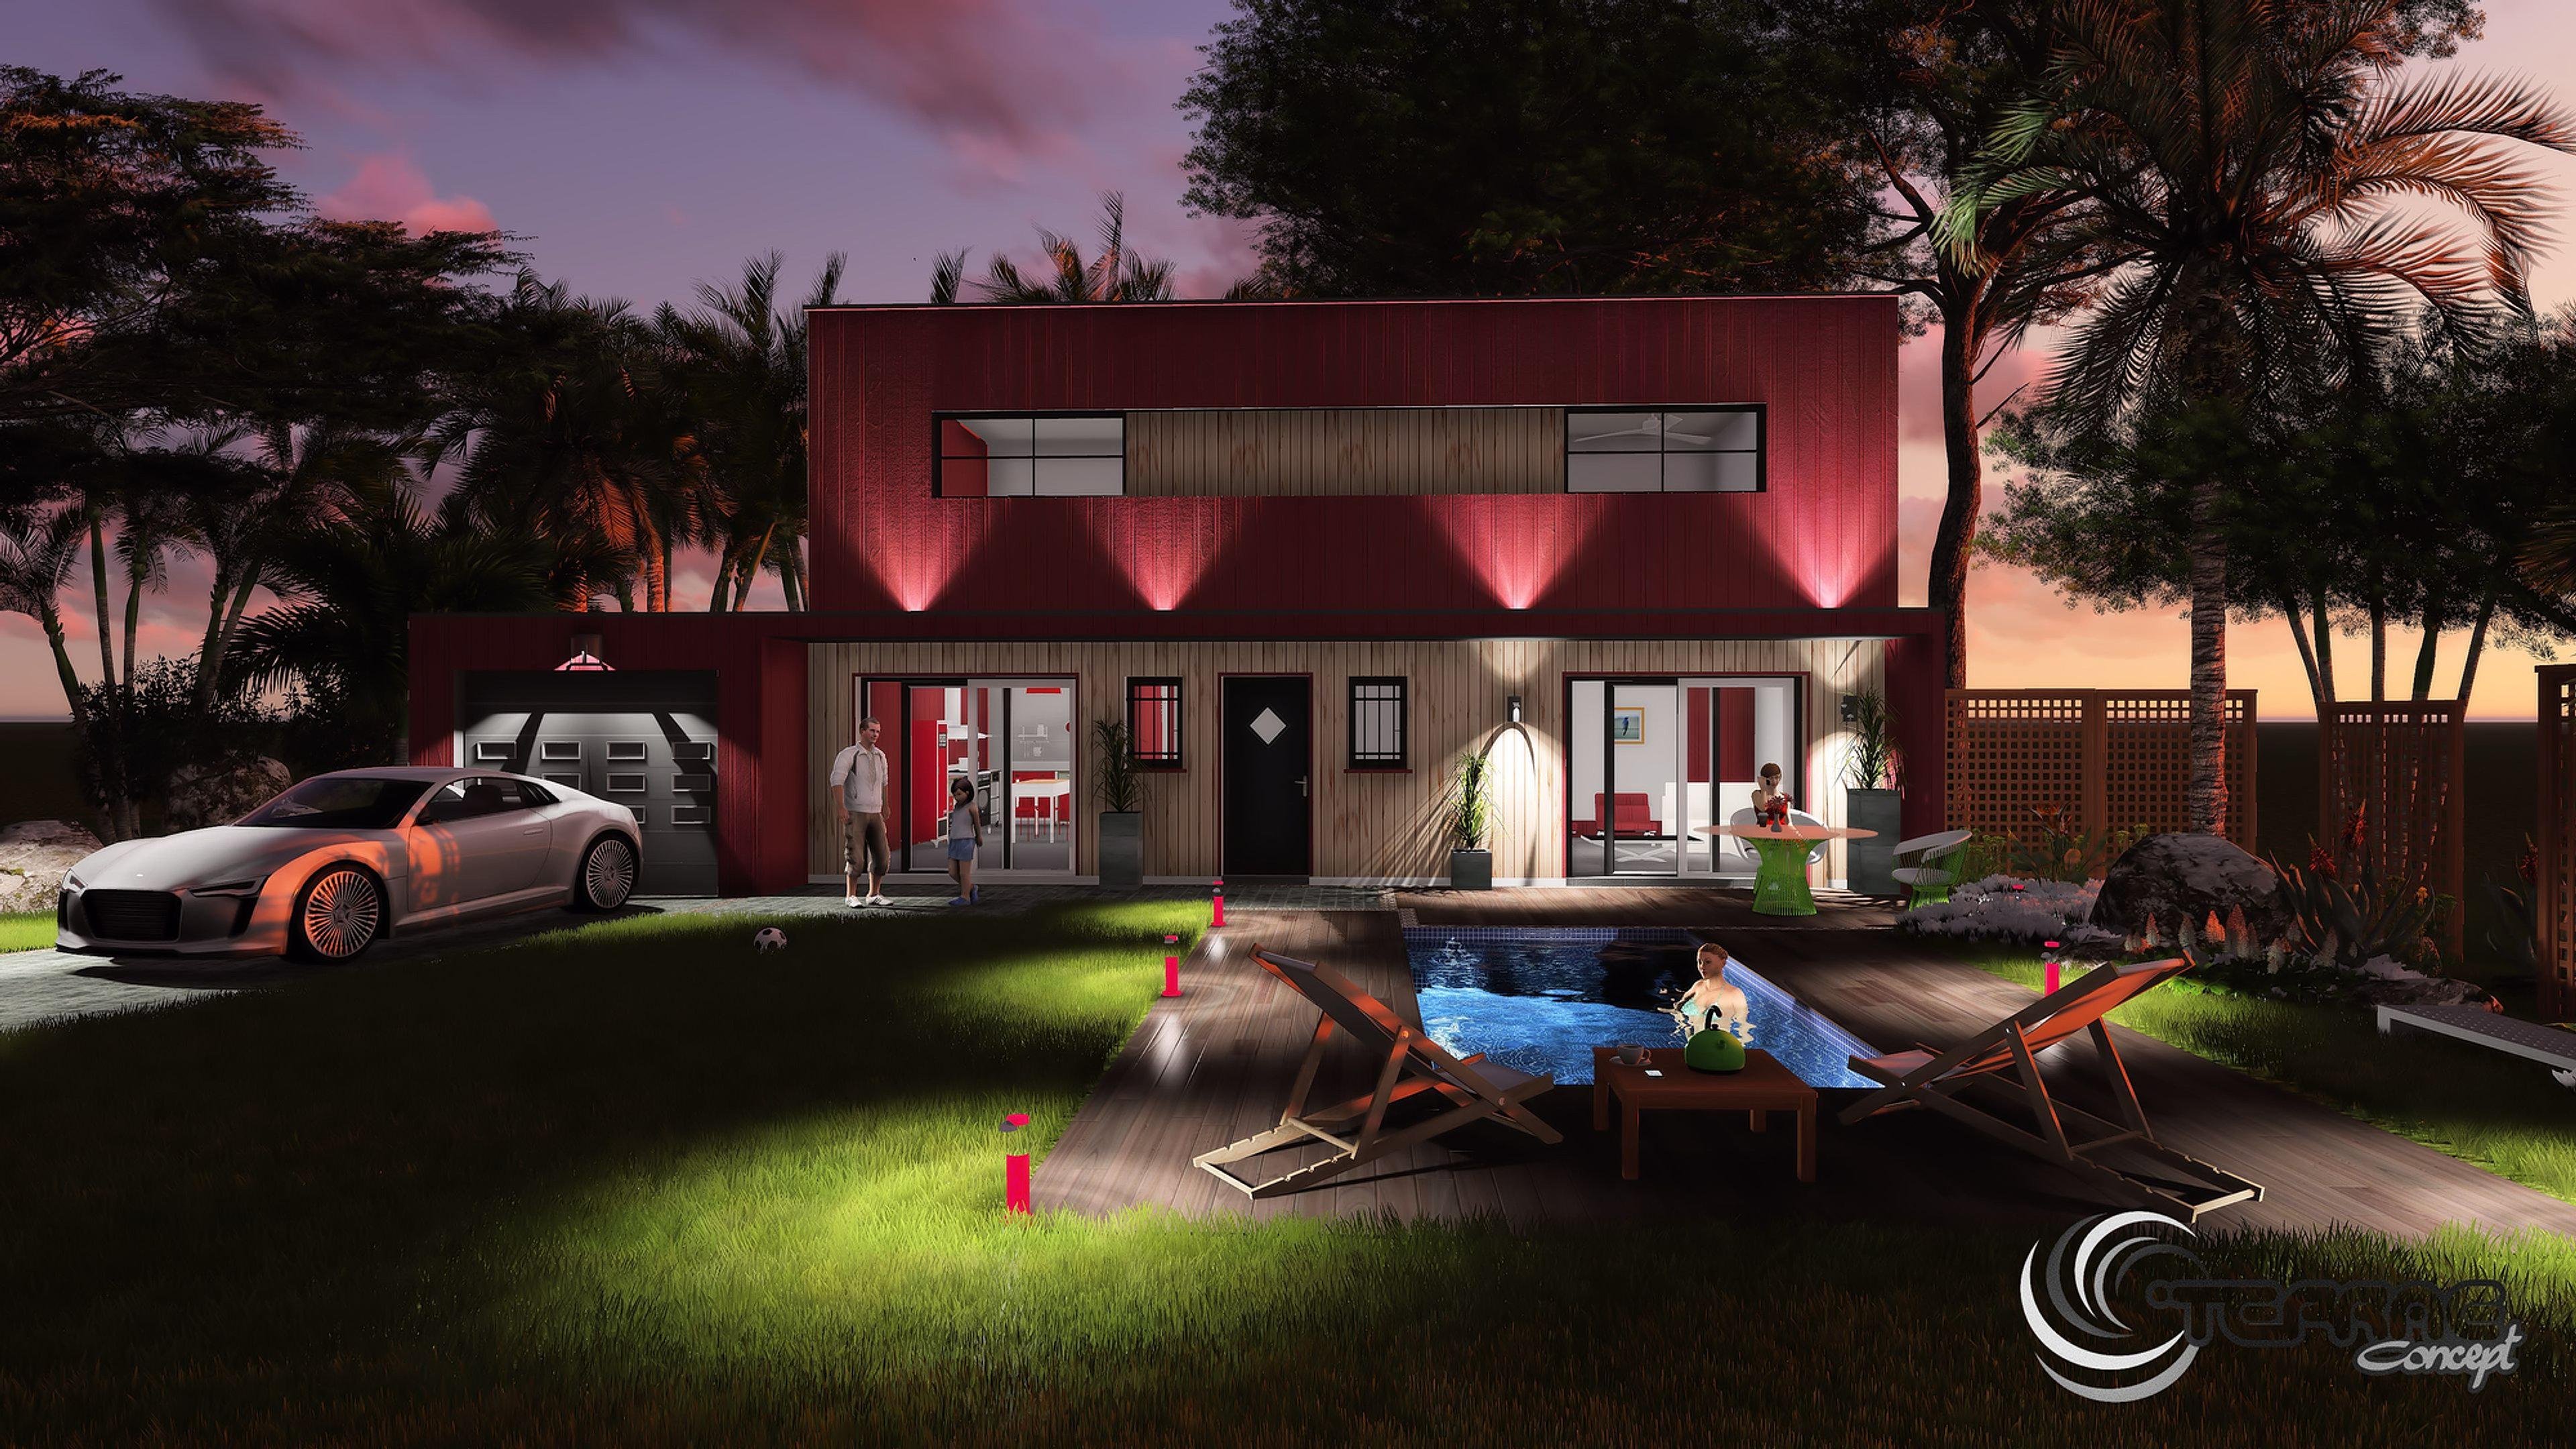 Image maison 3d permis de construire plan maison 3d agence for Eclairage exterieur de maison